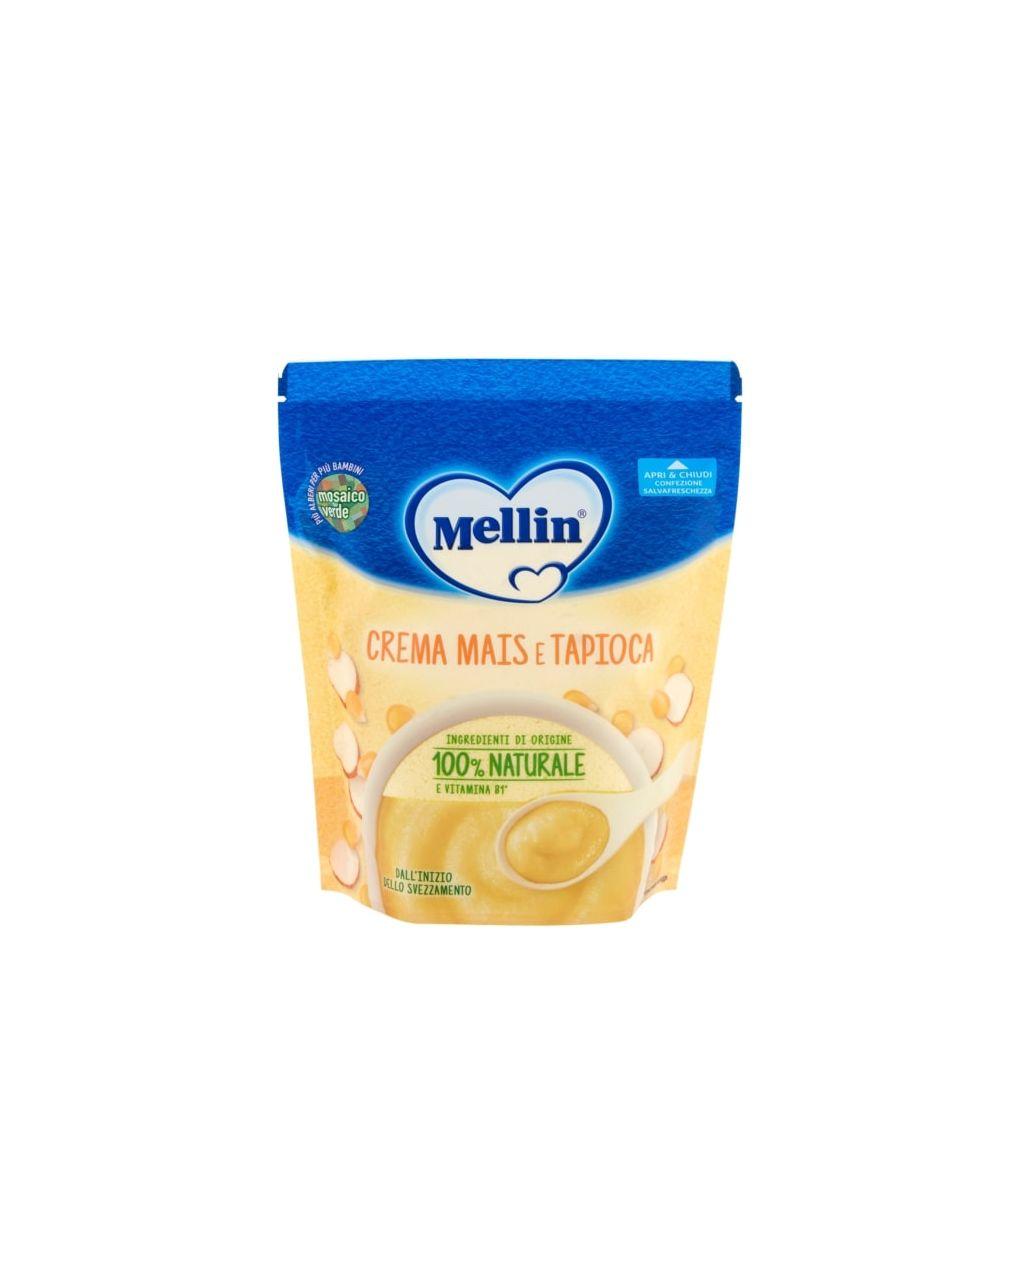 Crema mais e tapioca 200g - Mellin